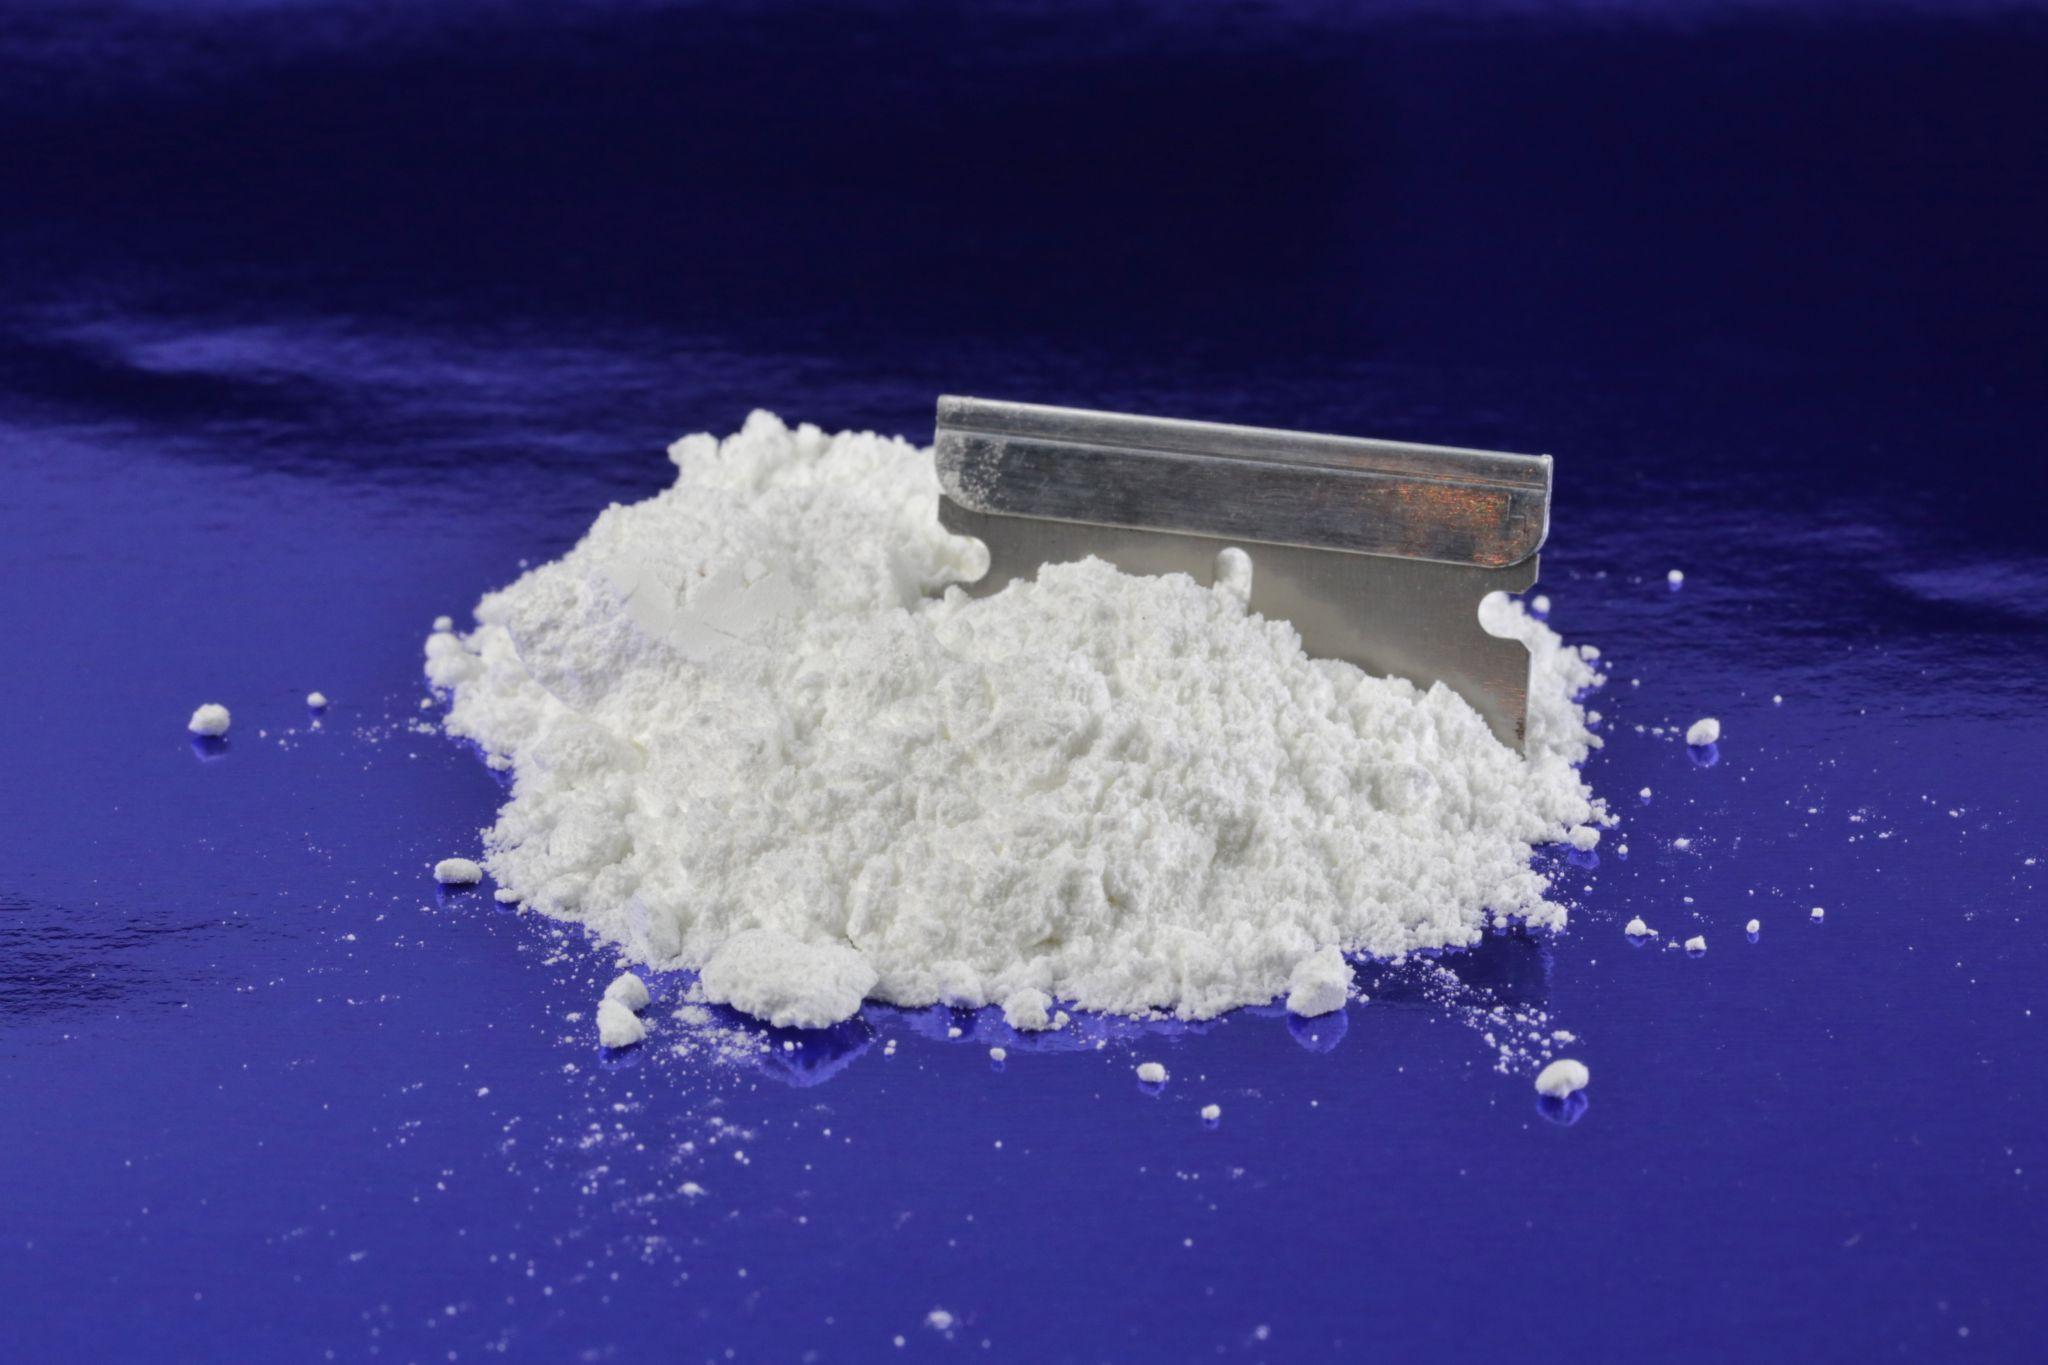 писал, как выглядит кетамин фото то, что